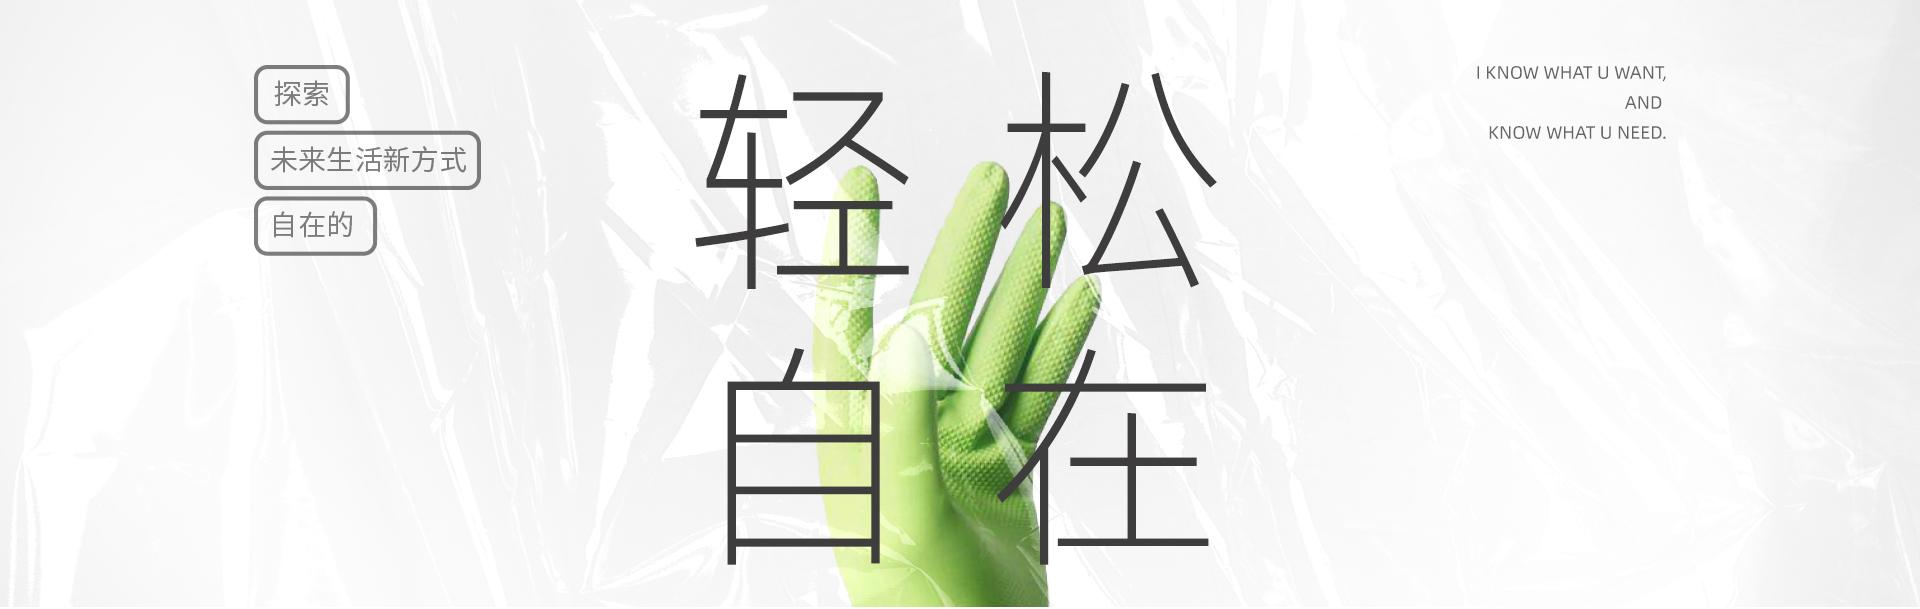 官网-产品介绍_08